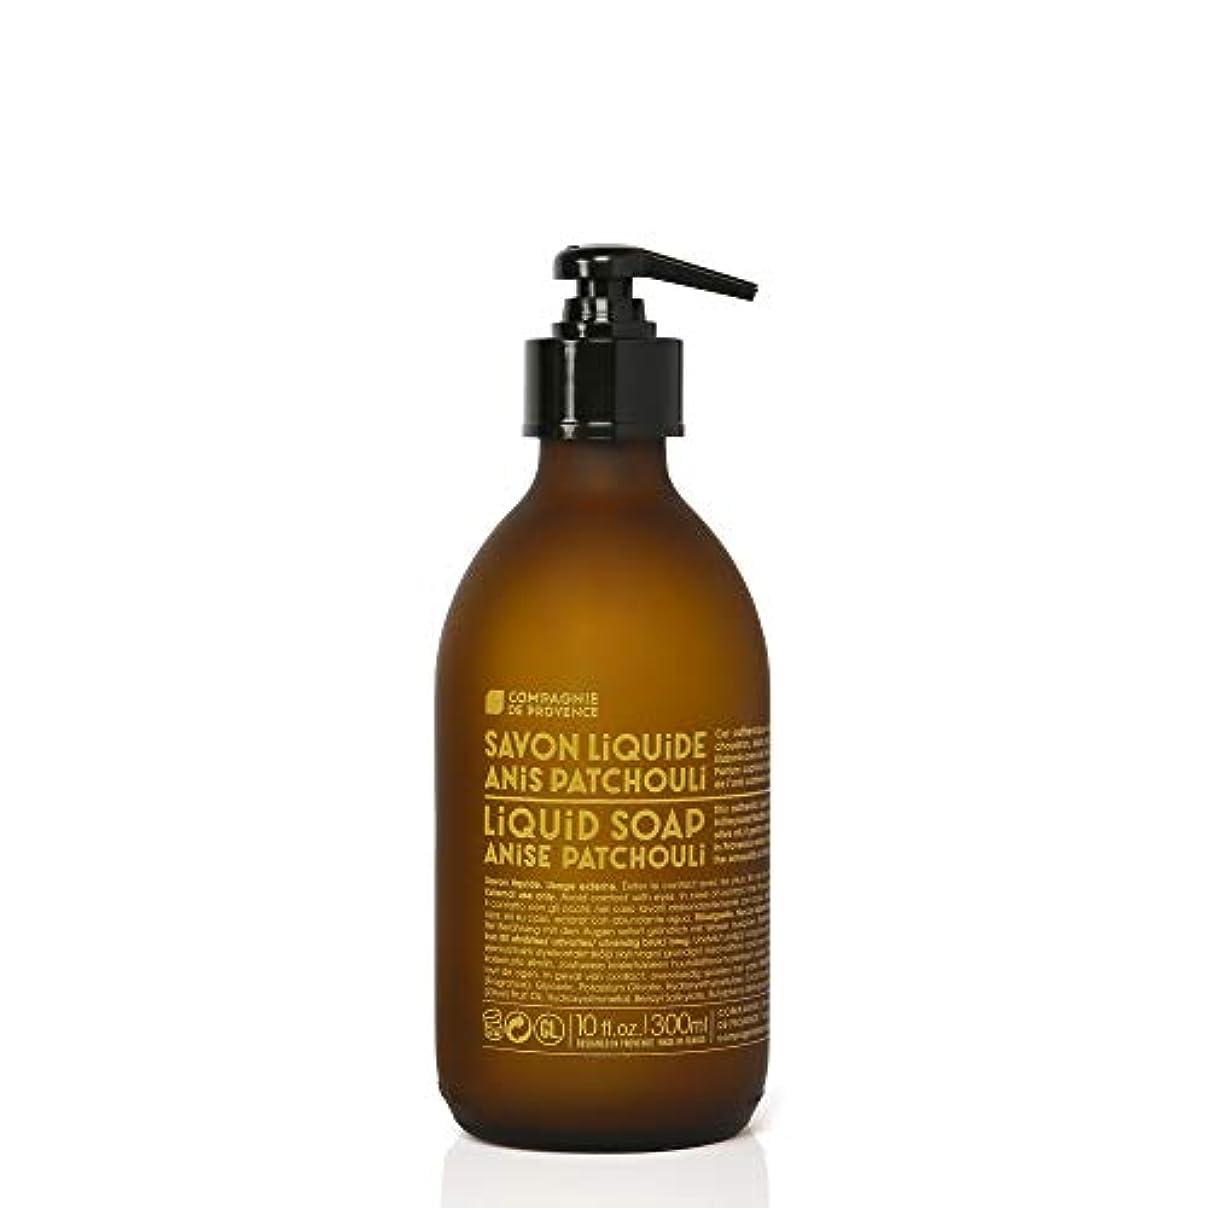 株式緩むコールドCompagnie de ProvenceマルセイユLiquid Soap Made in France 16.9 FL OZガラスボトル